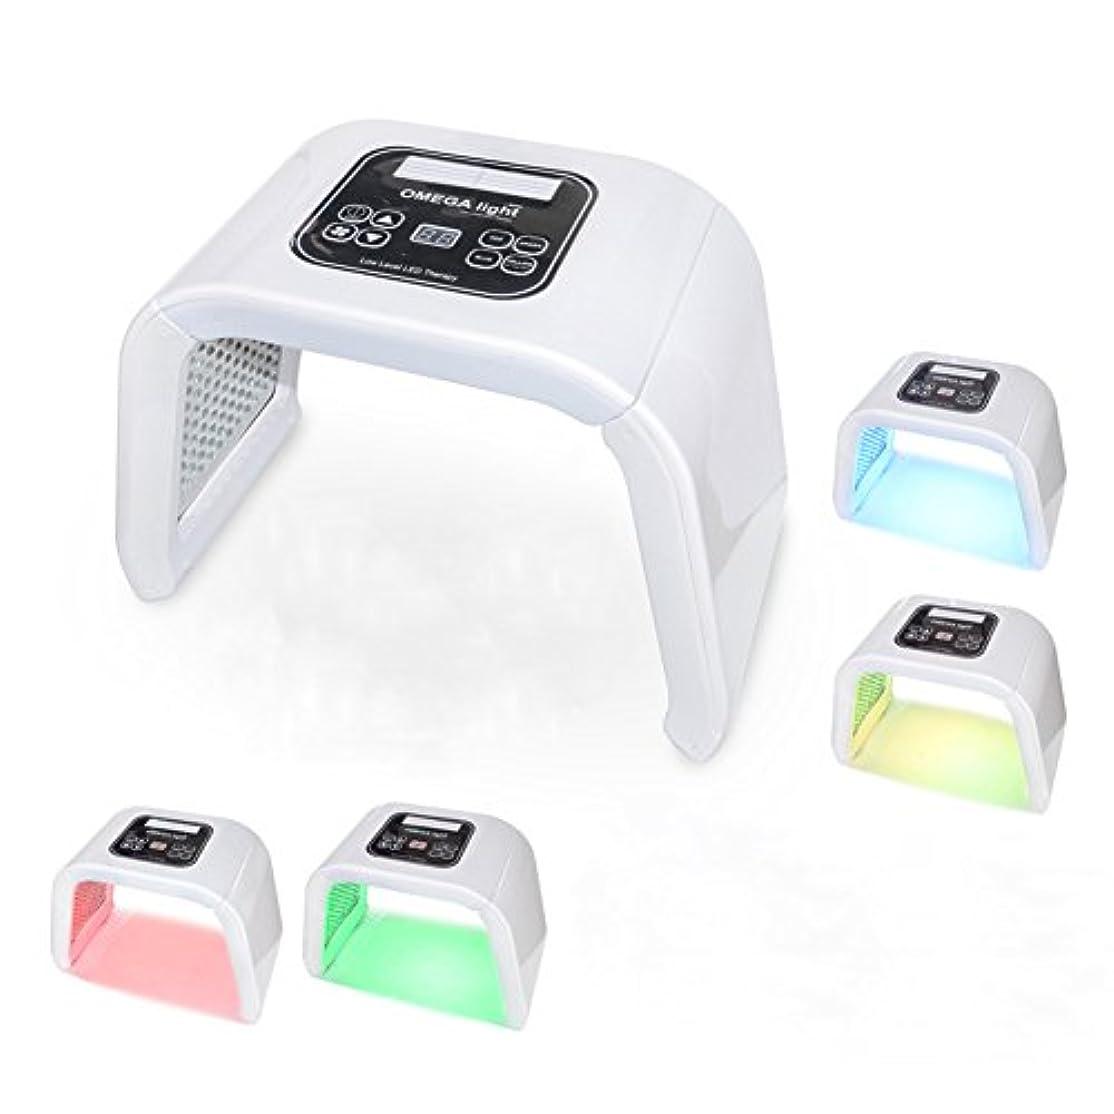 ルネッサンスペルソナ記念日にきびの皮の若返りの美装置を白くする光子療法機械LED 4色,White